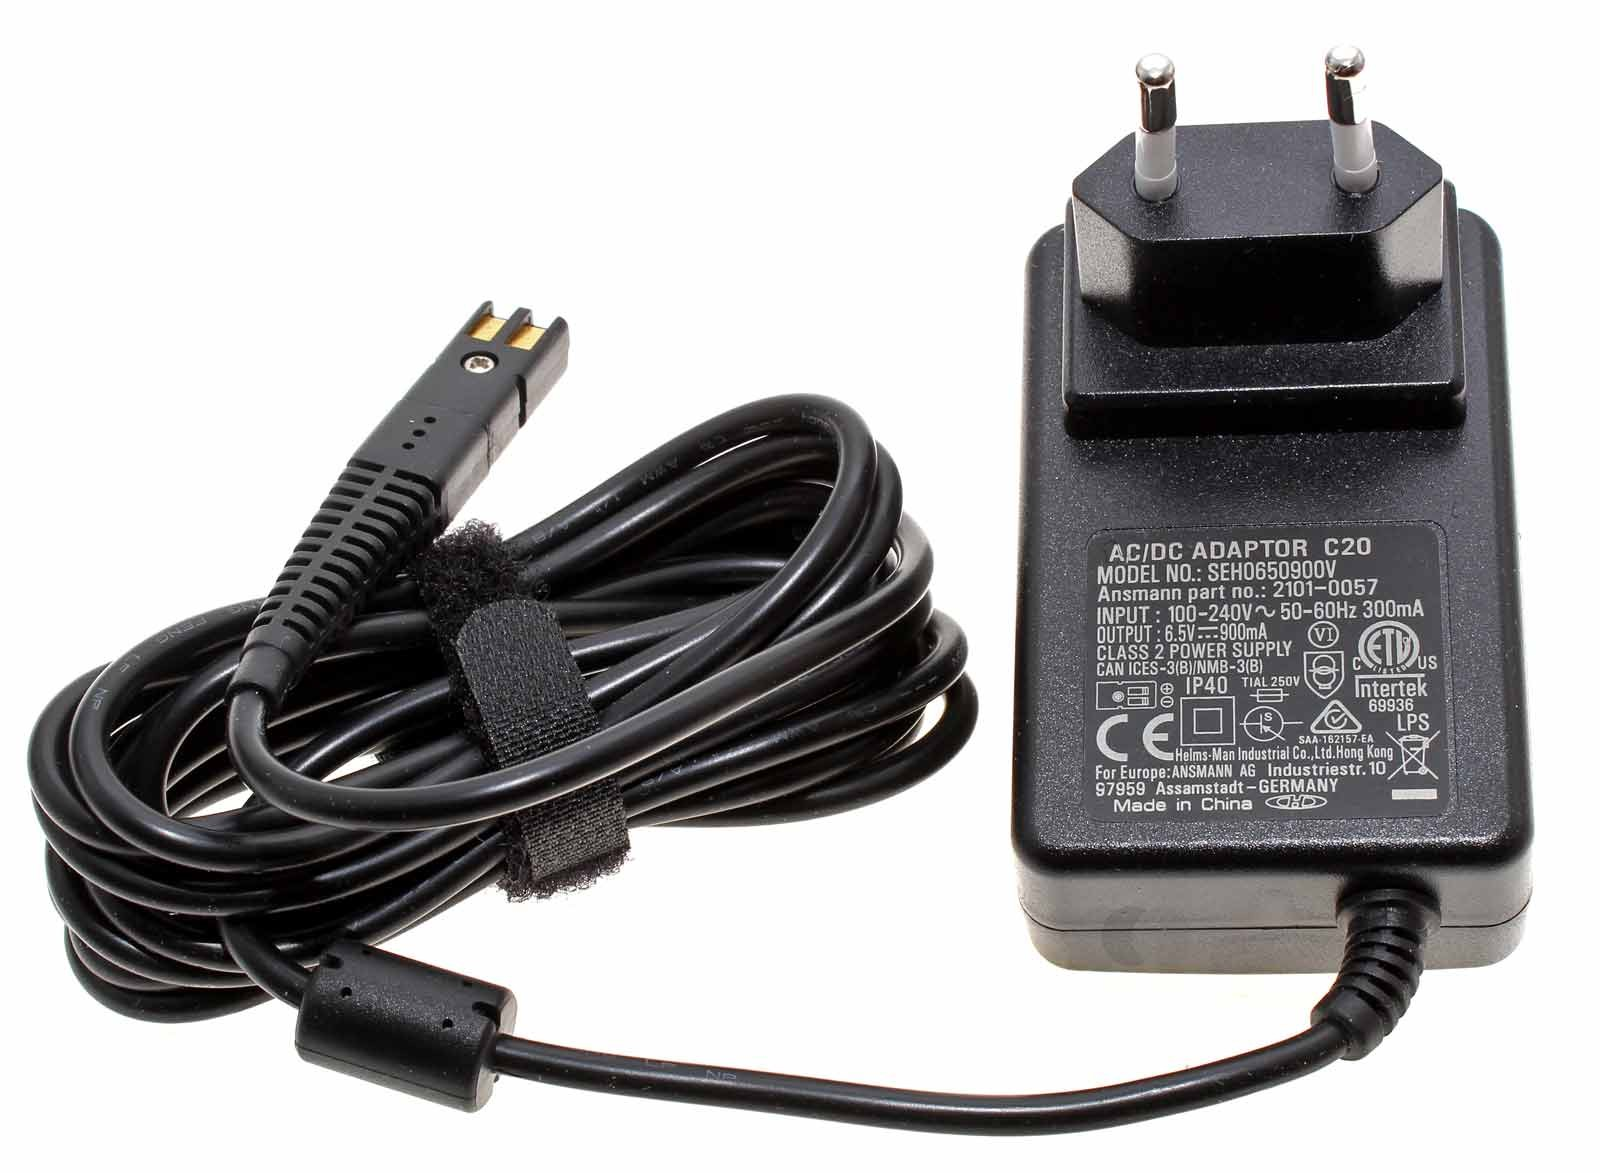 Original Netzteil für Wella Xpert HS70, HS71 und Carvis HS75